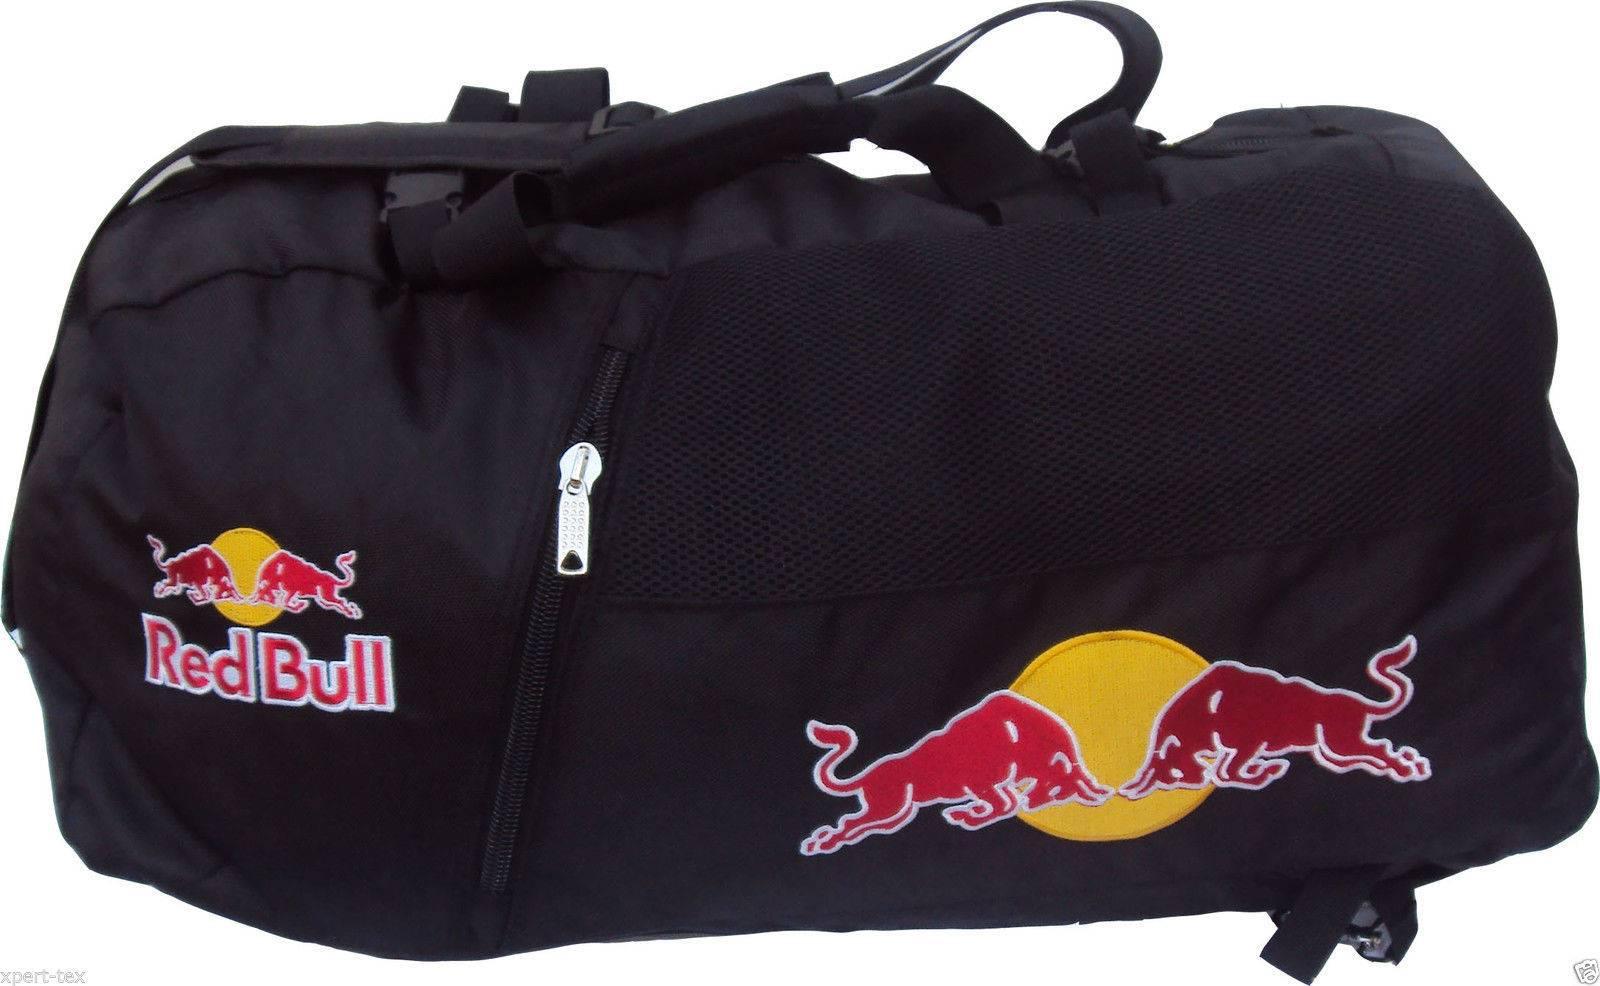 bags exporter